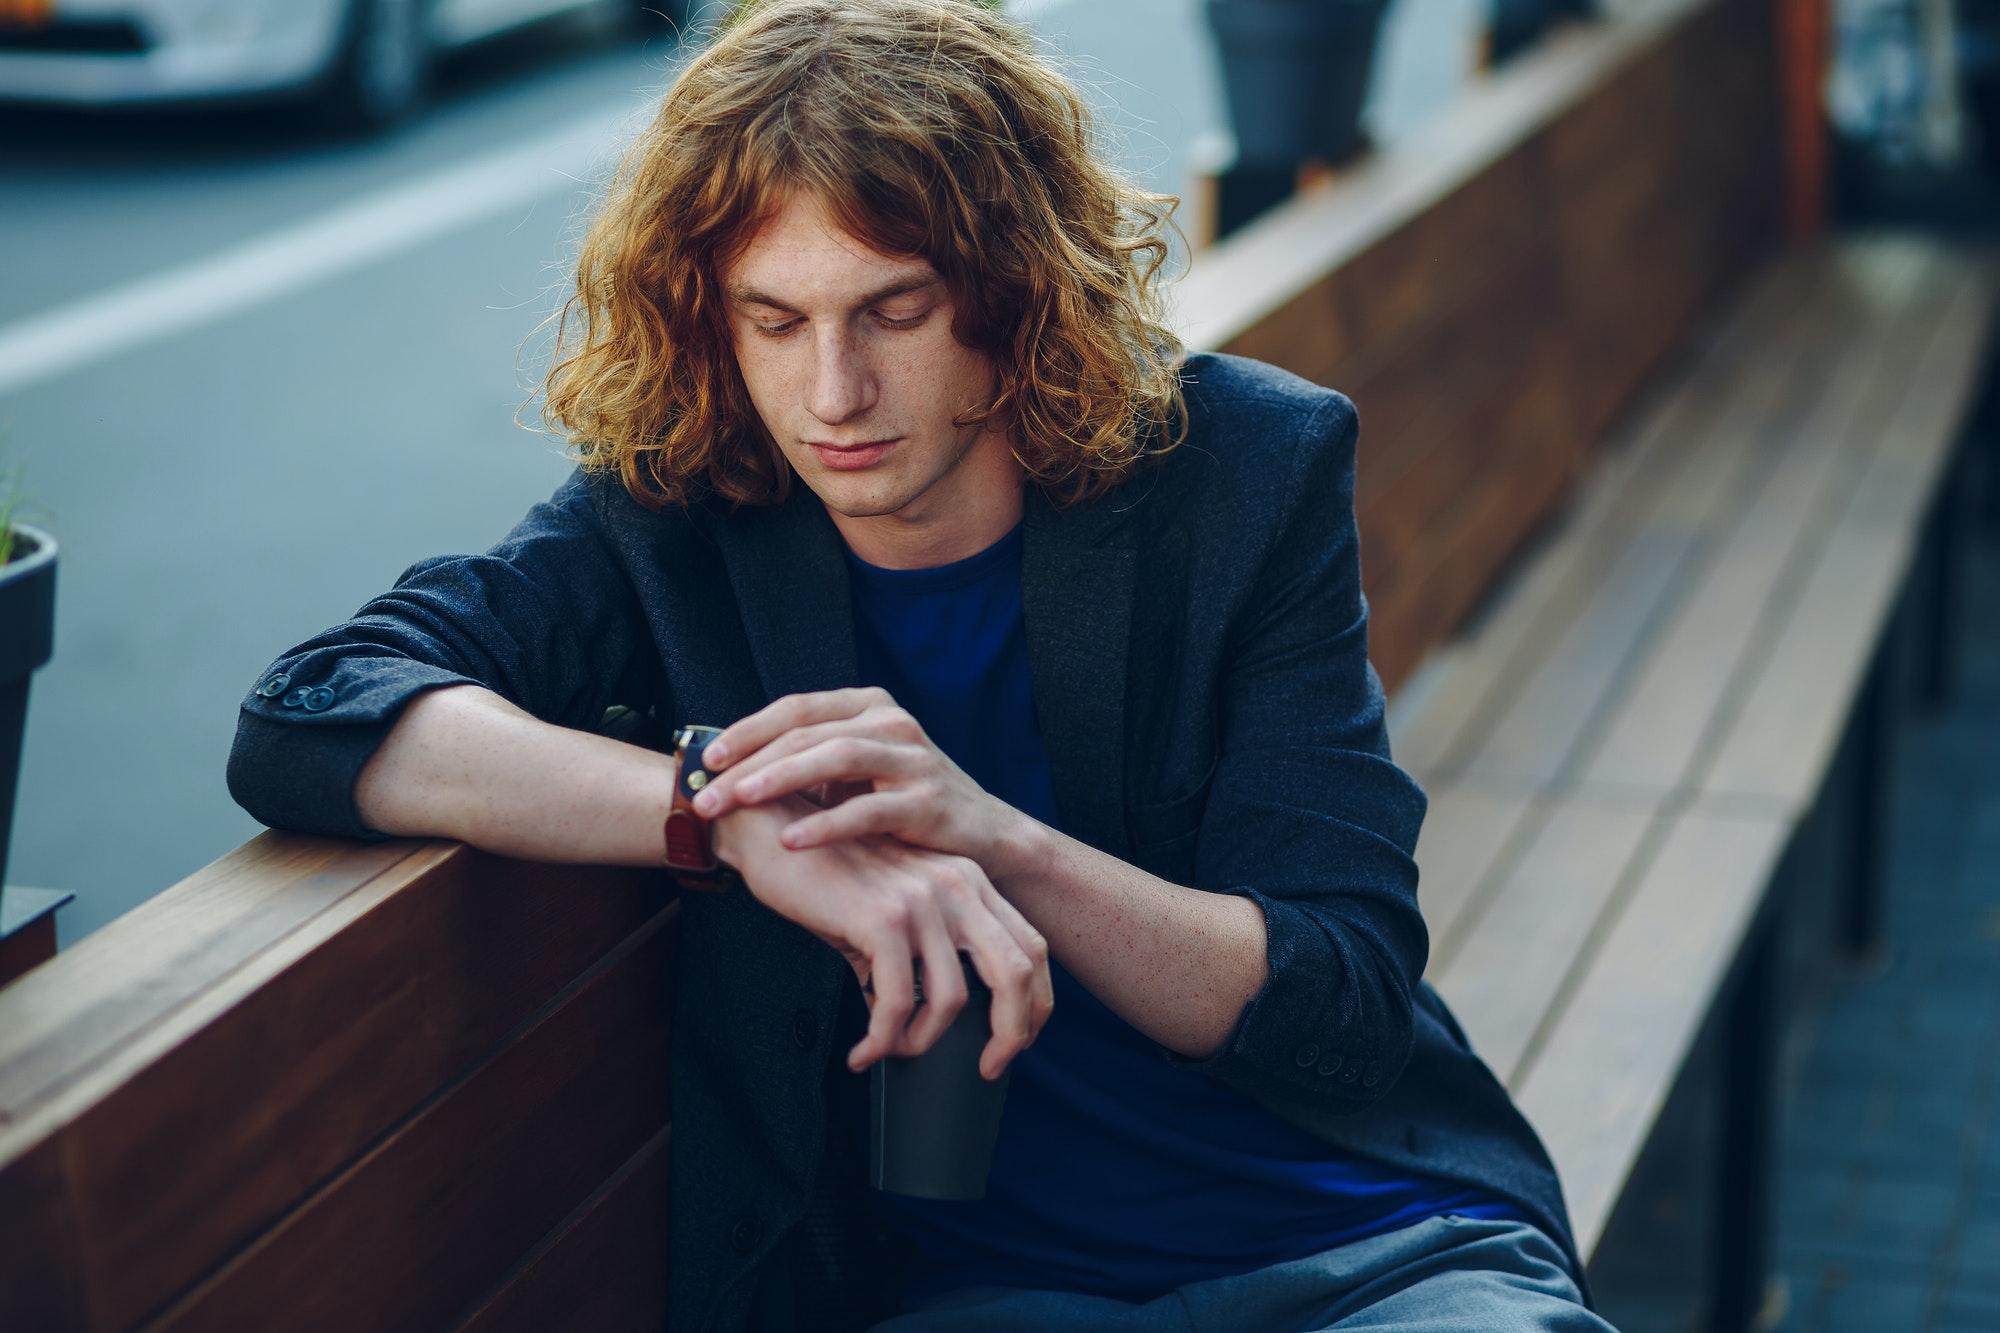 homme regarde sa montre assis sur un banc